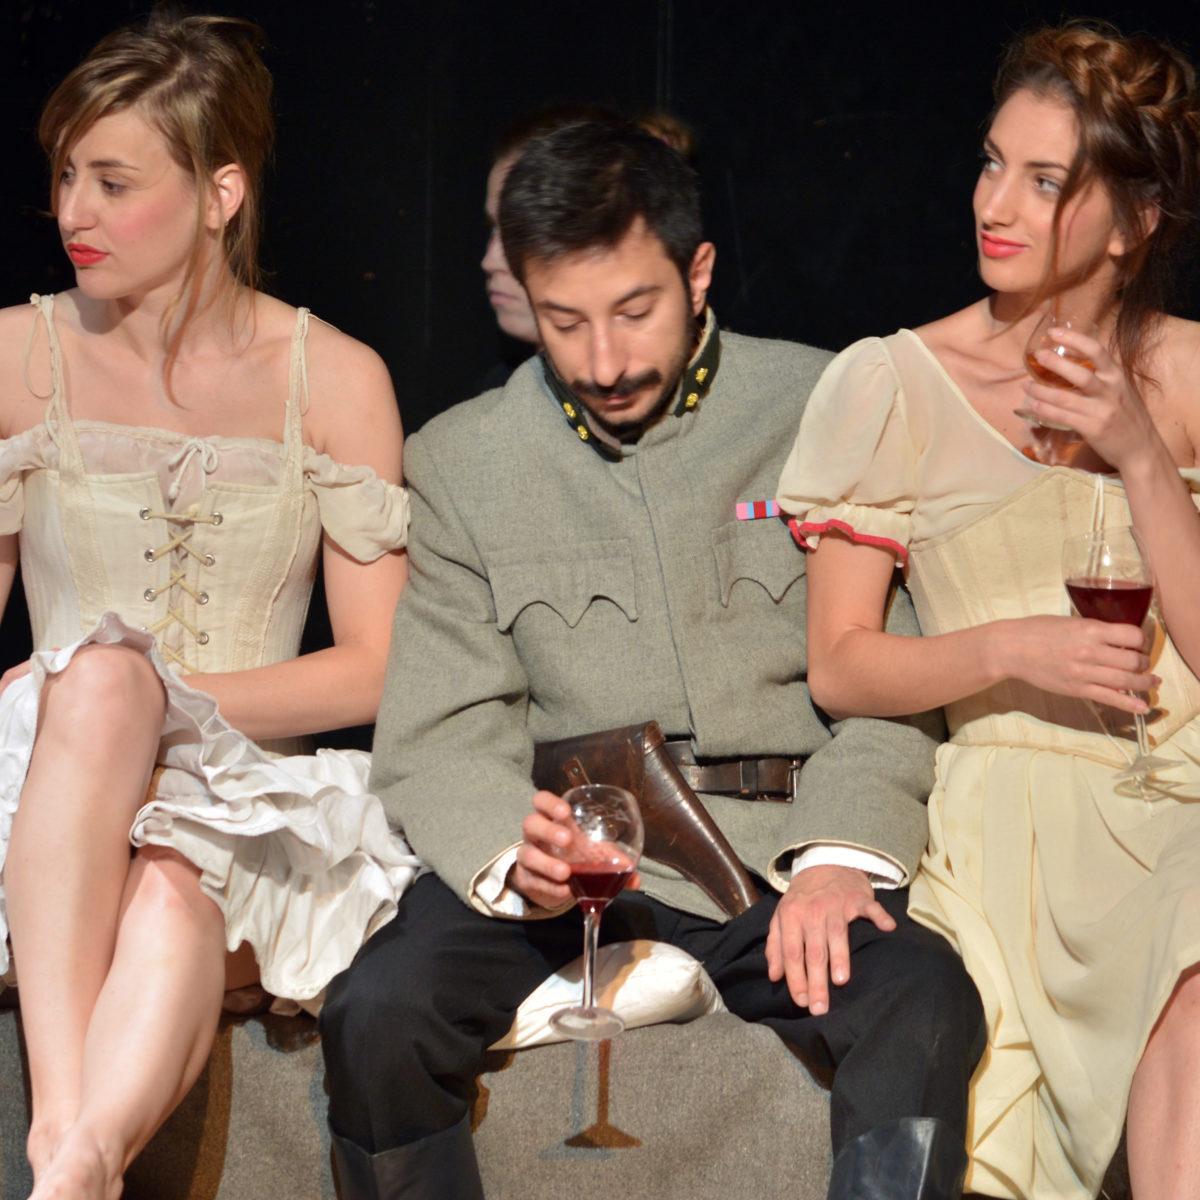 """GOSTOVANJE U BJELOVARU: Krleža: """"Galicija"""" / 6. 5. / 20:00 / u režiji Ive Srnec"""